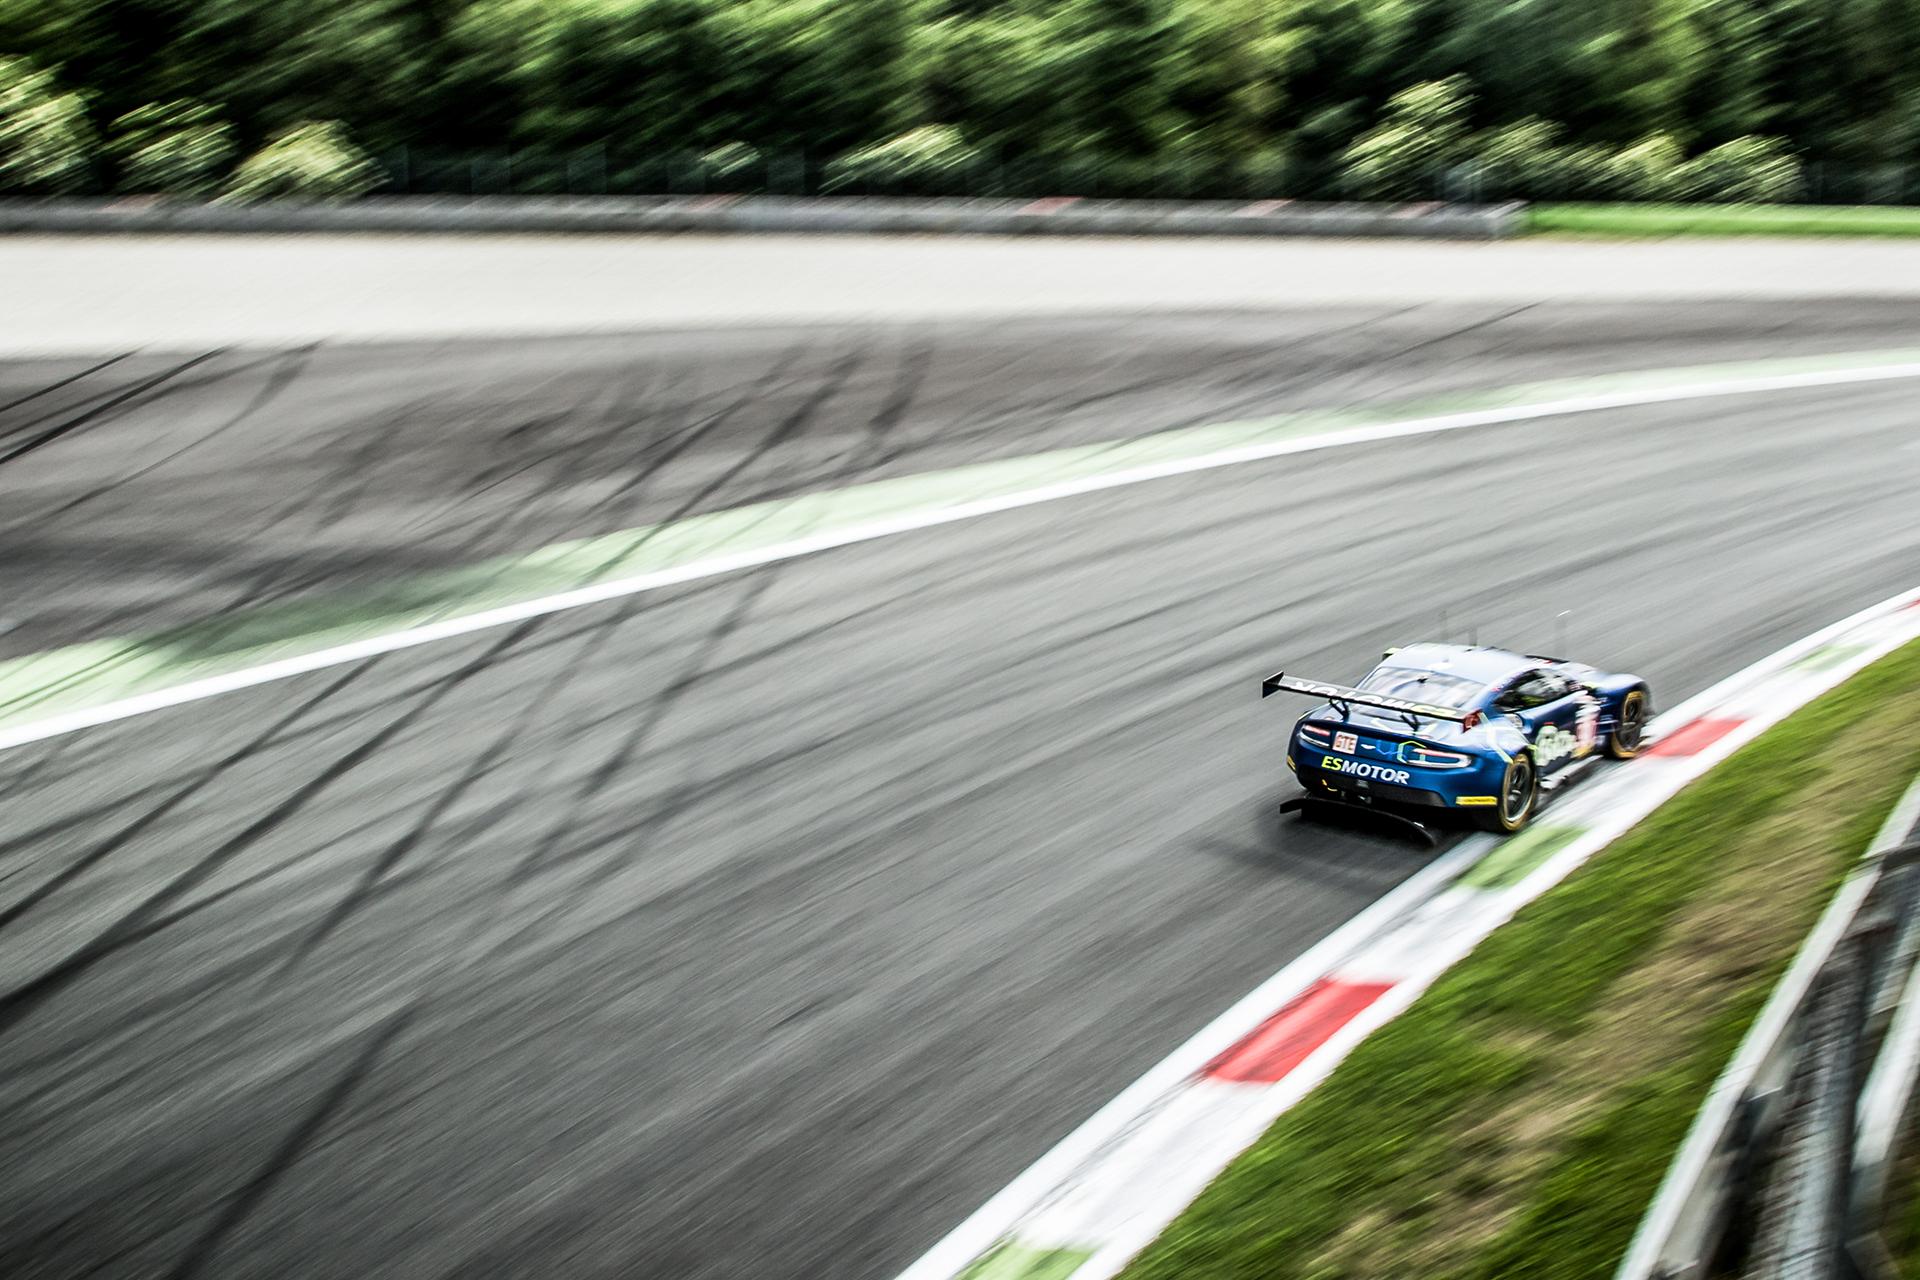 2017-ELMS-4Hrs-Monza-73563.jpg